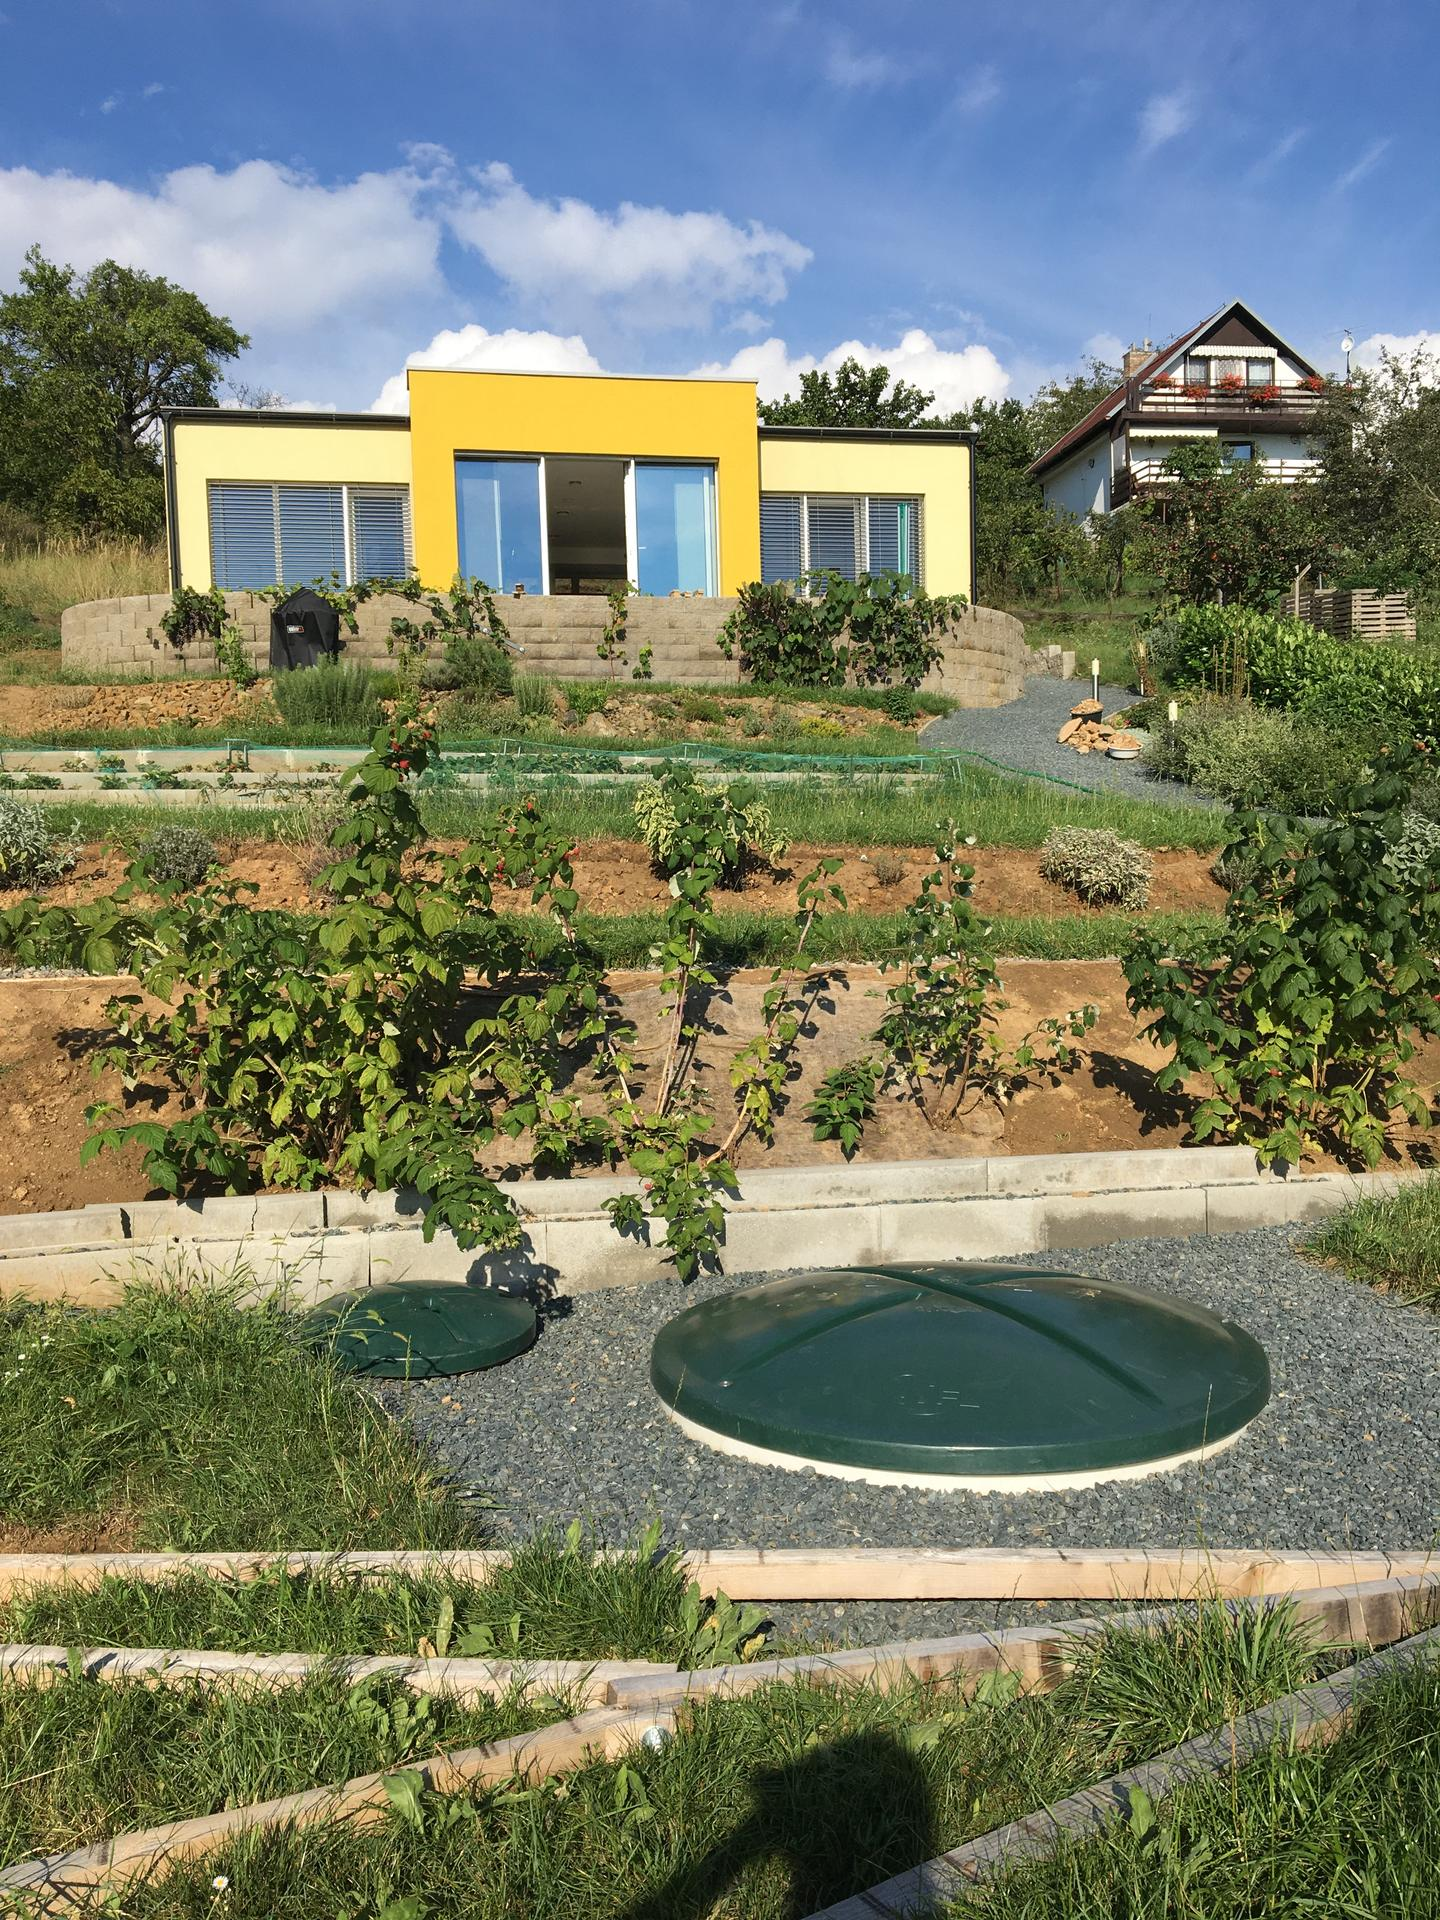 Fáze druhá ... zahrada - Srpen 2020 - maliny bují jedna radost